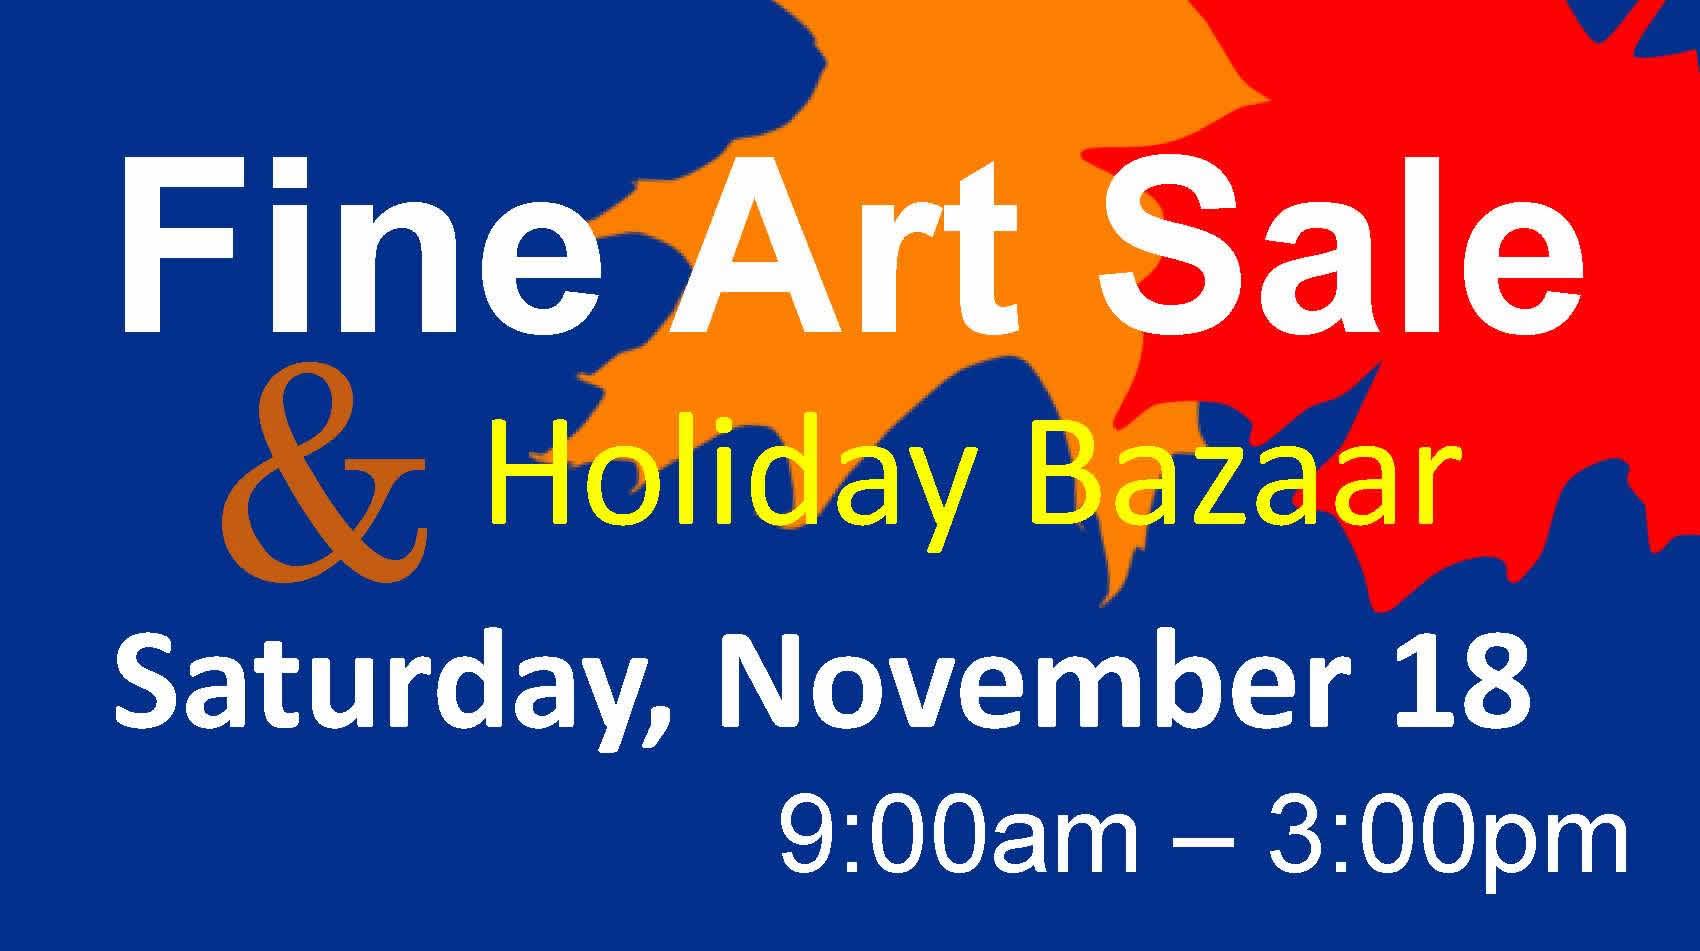 Fine Art Sale Holiday Bazaar Peoples Church Kalamazoo Mi